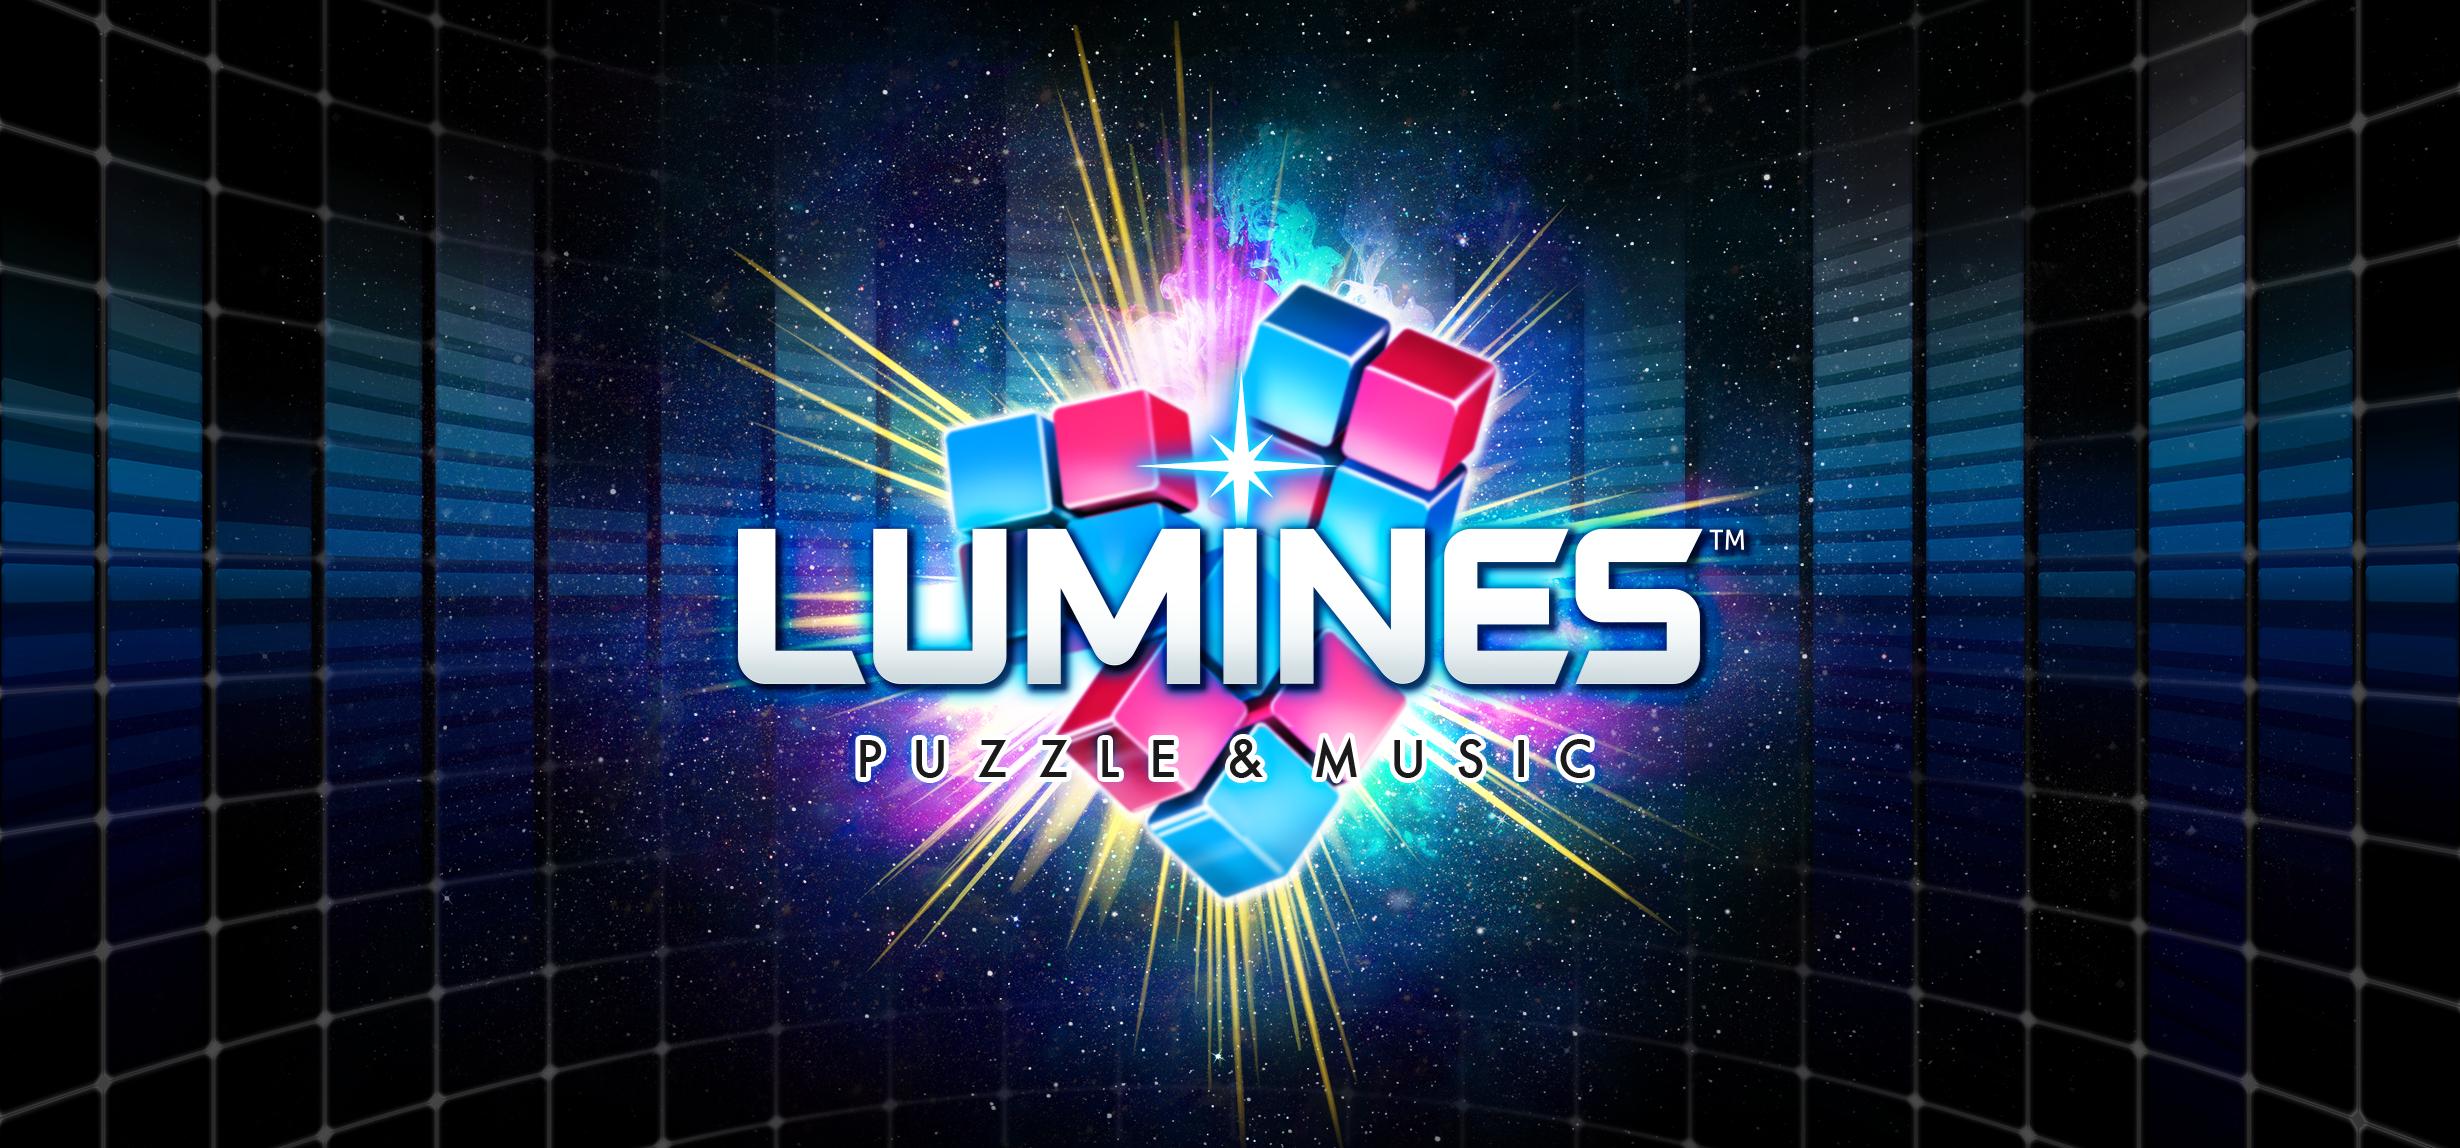 071316_Mobcast_Lumines_Key Art_A